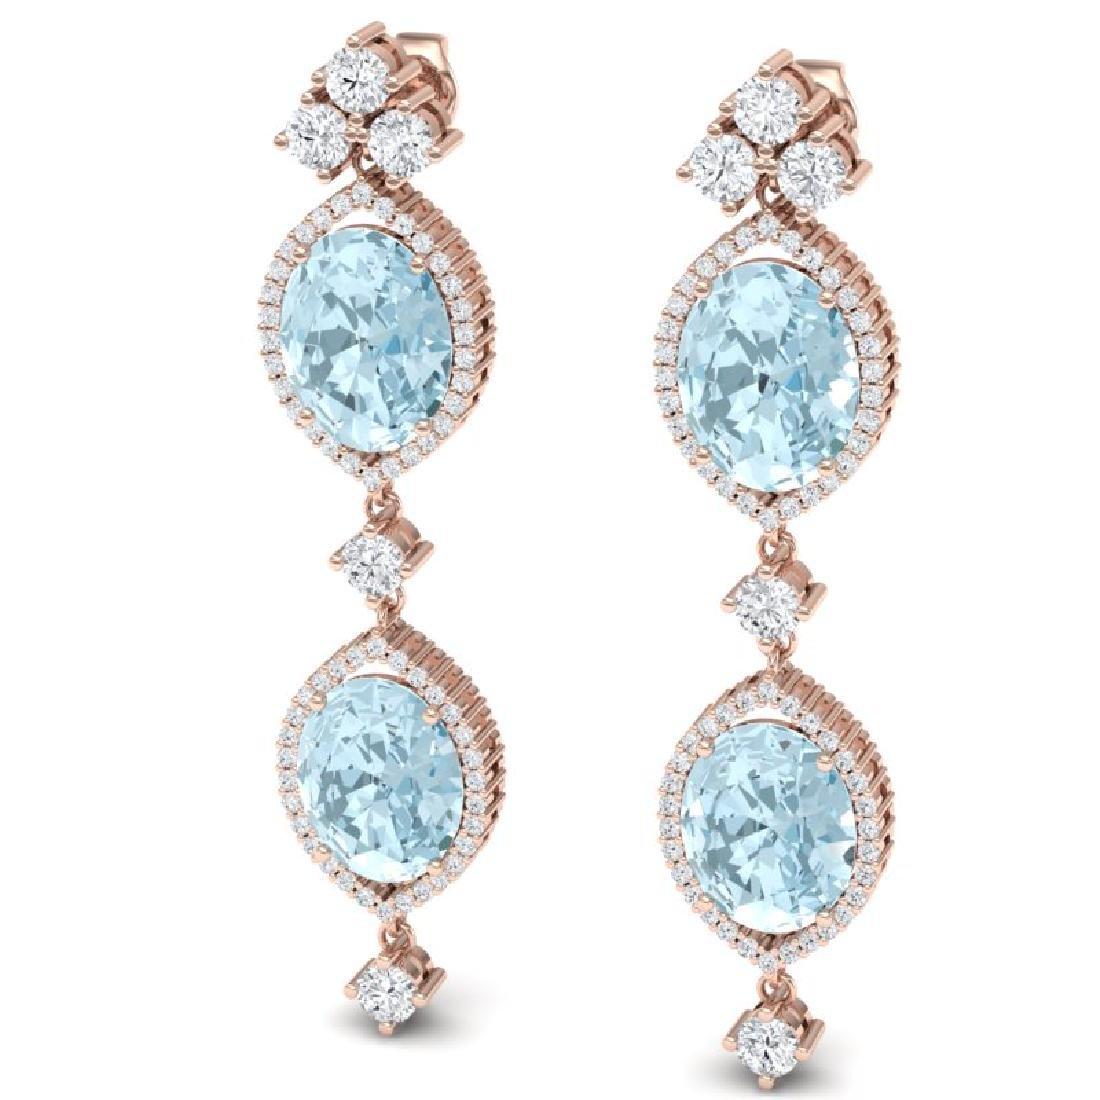 16.41 CTW Royalty Sky Topaz & VS Diamond Earrings 18K